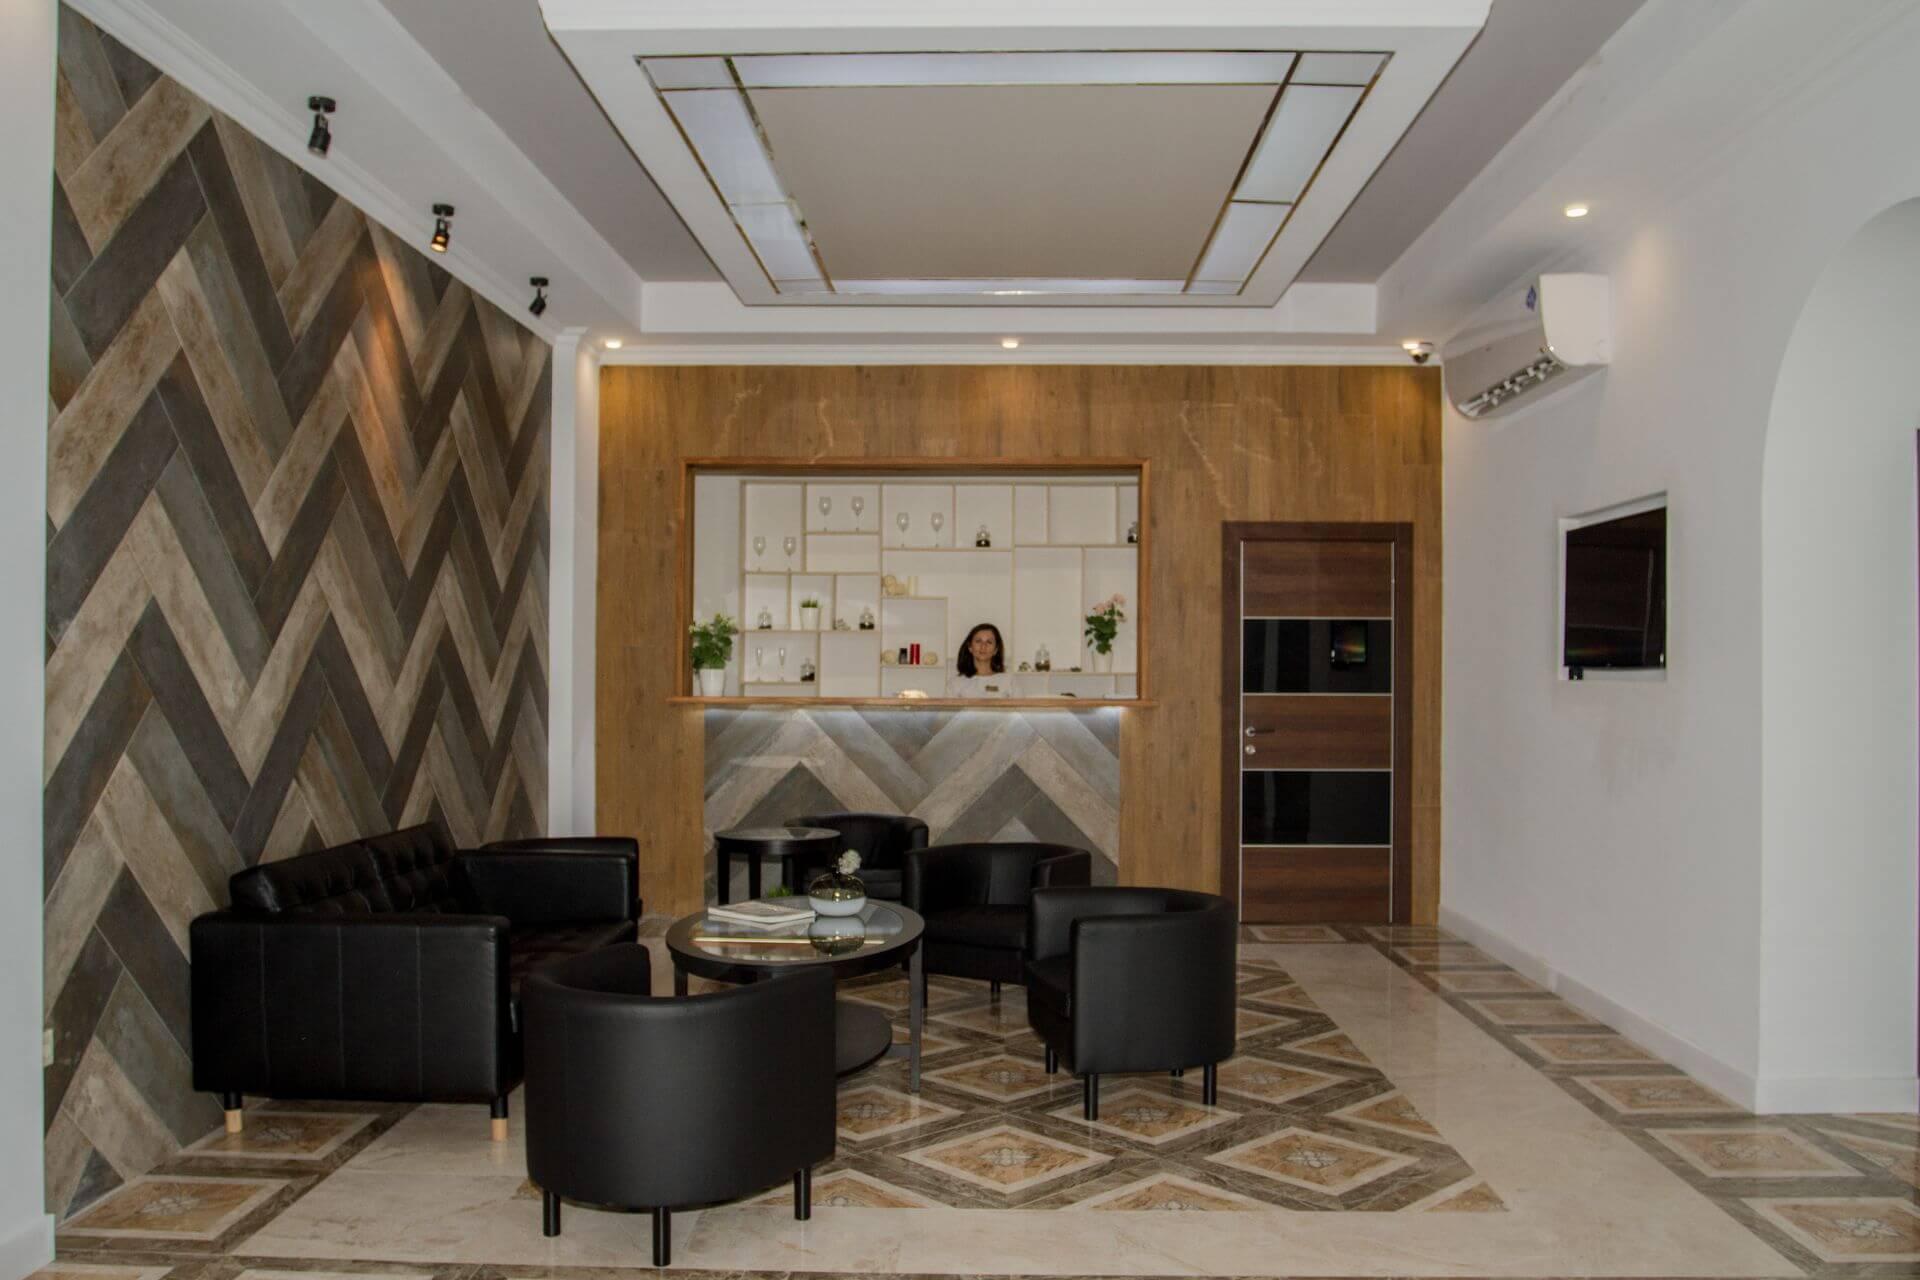 СПА комплекс - Гранд отель Гагра - отель европейского уровня в Абхазии (Grand Hotel Gagra)